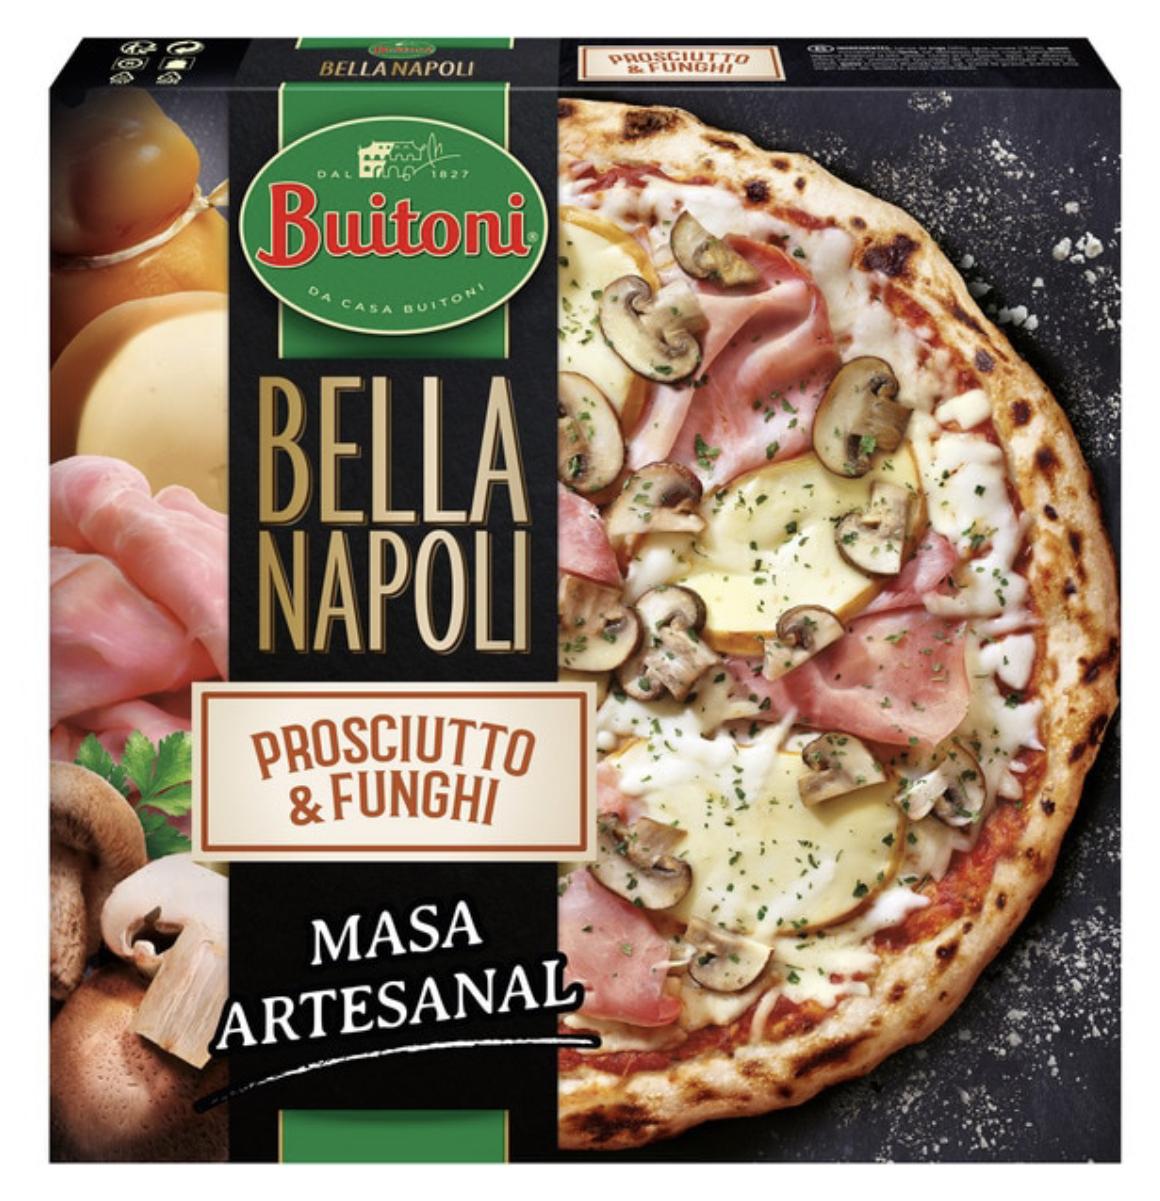 Pizzas Buitoni Bella Napoli masa artesanal a 2,32 € ud. ( 6 unidades) (disponible en tienda física)